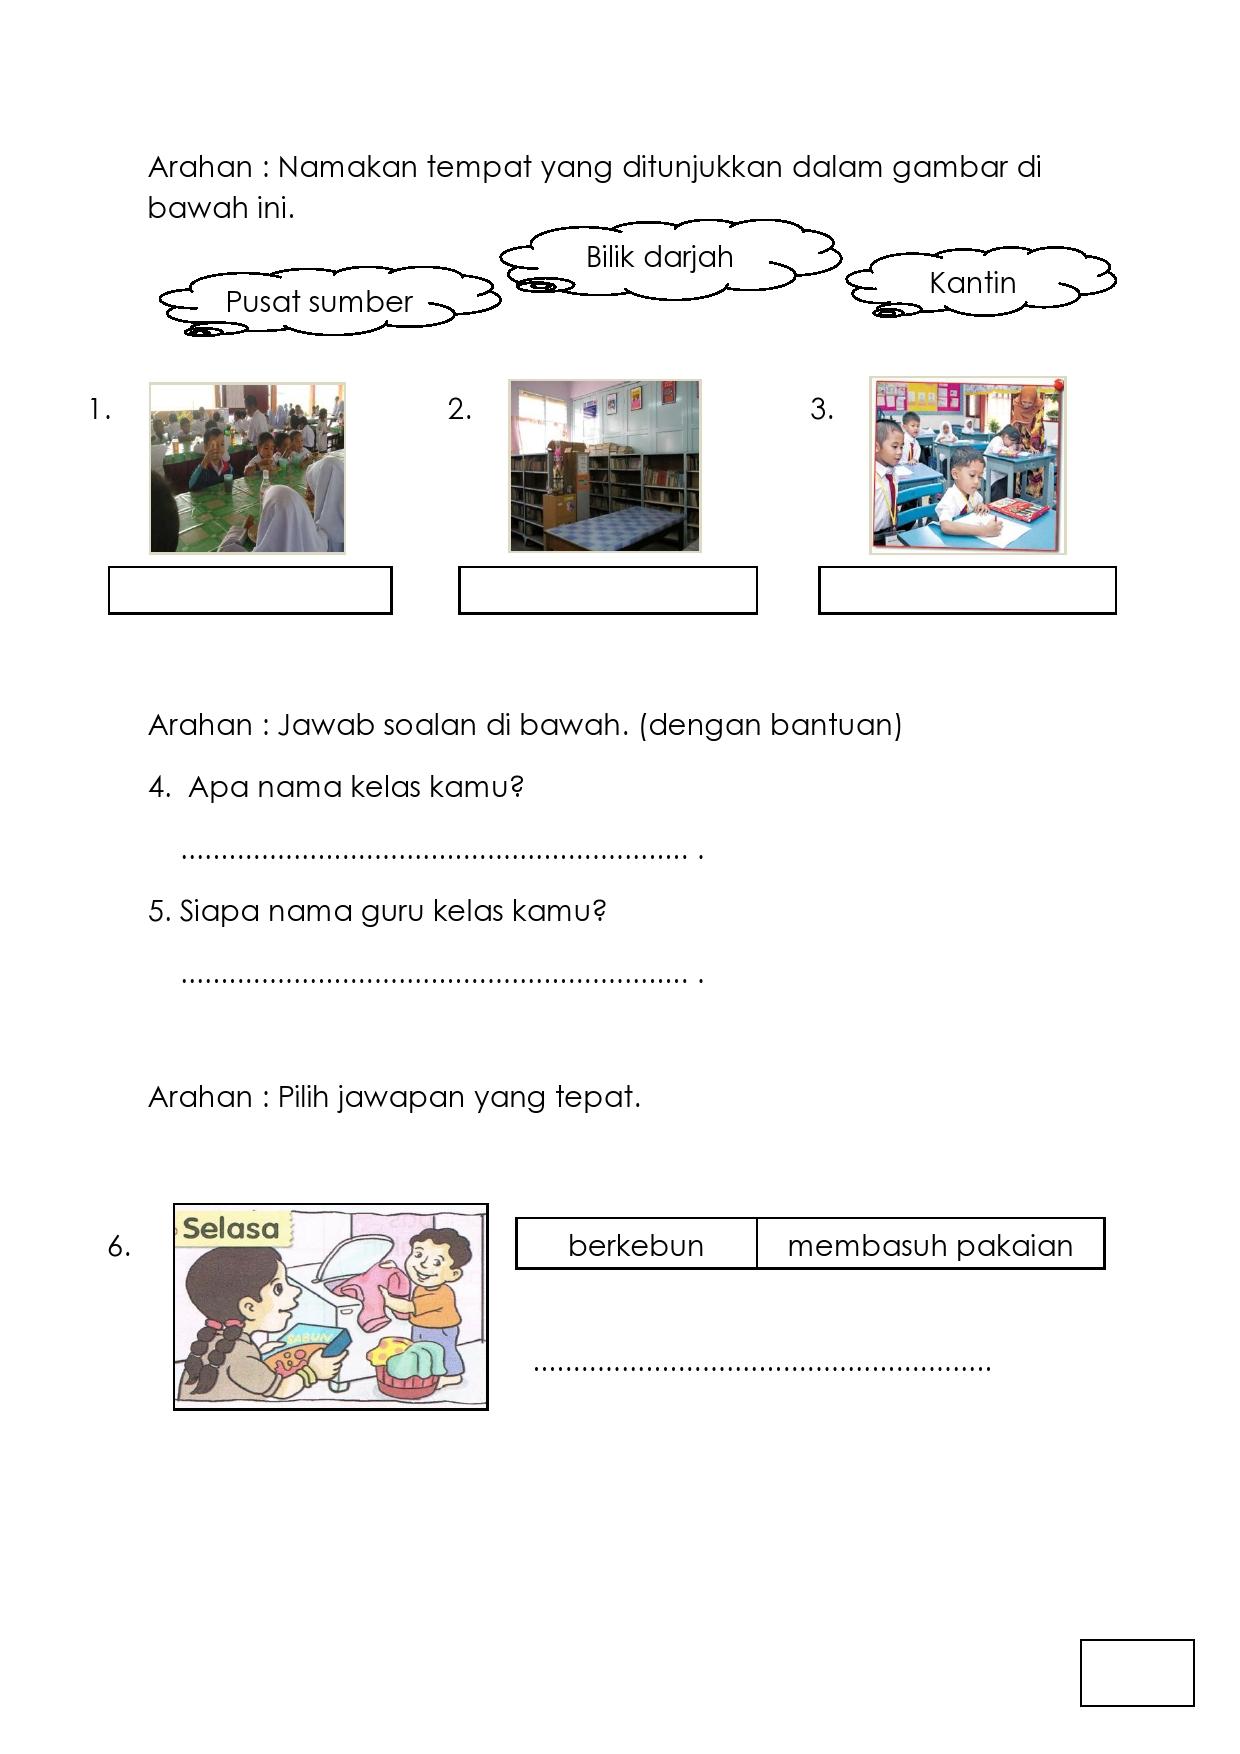 Contoh Lembaran Kerja Program Pendidikan Khas Integrasi Bahasa Melayu